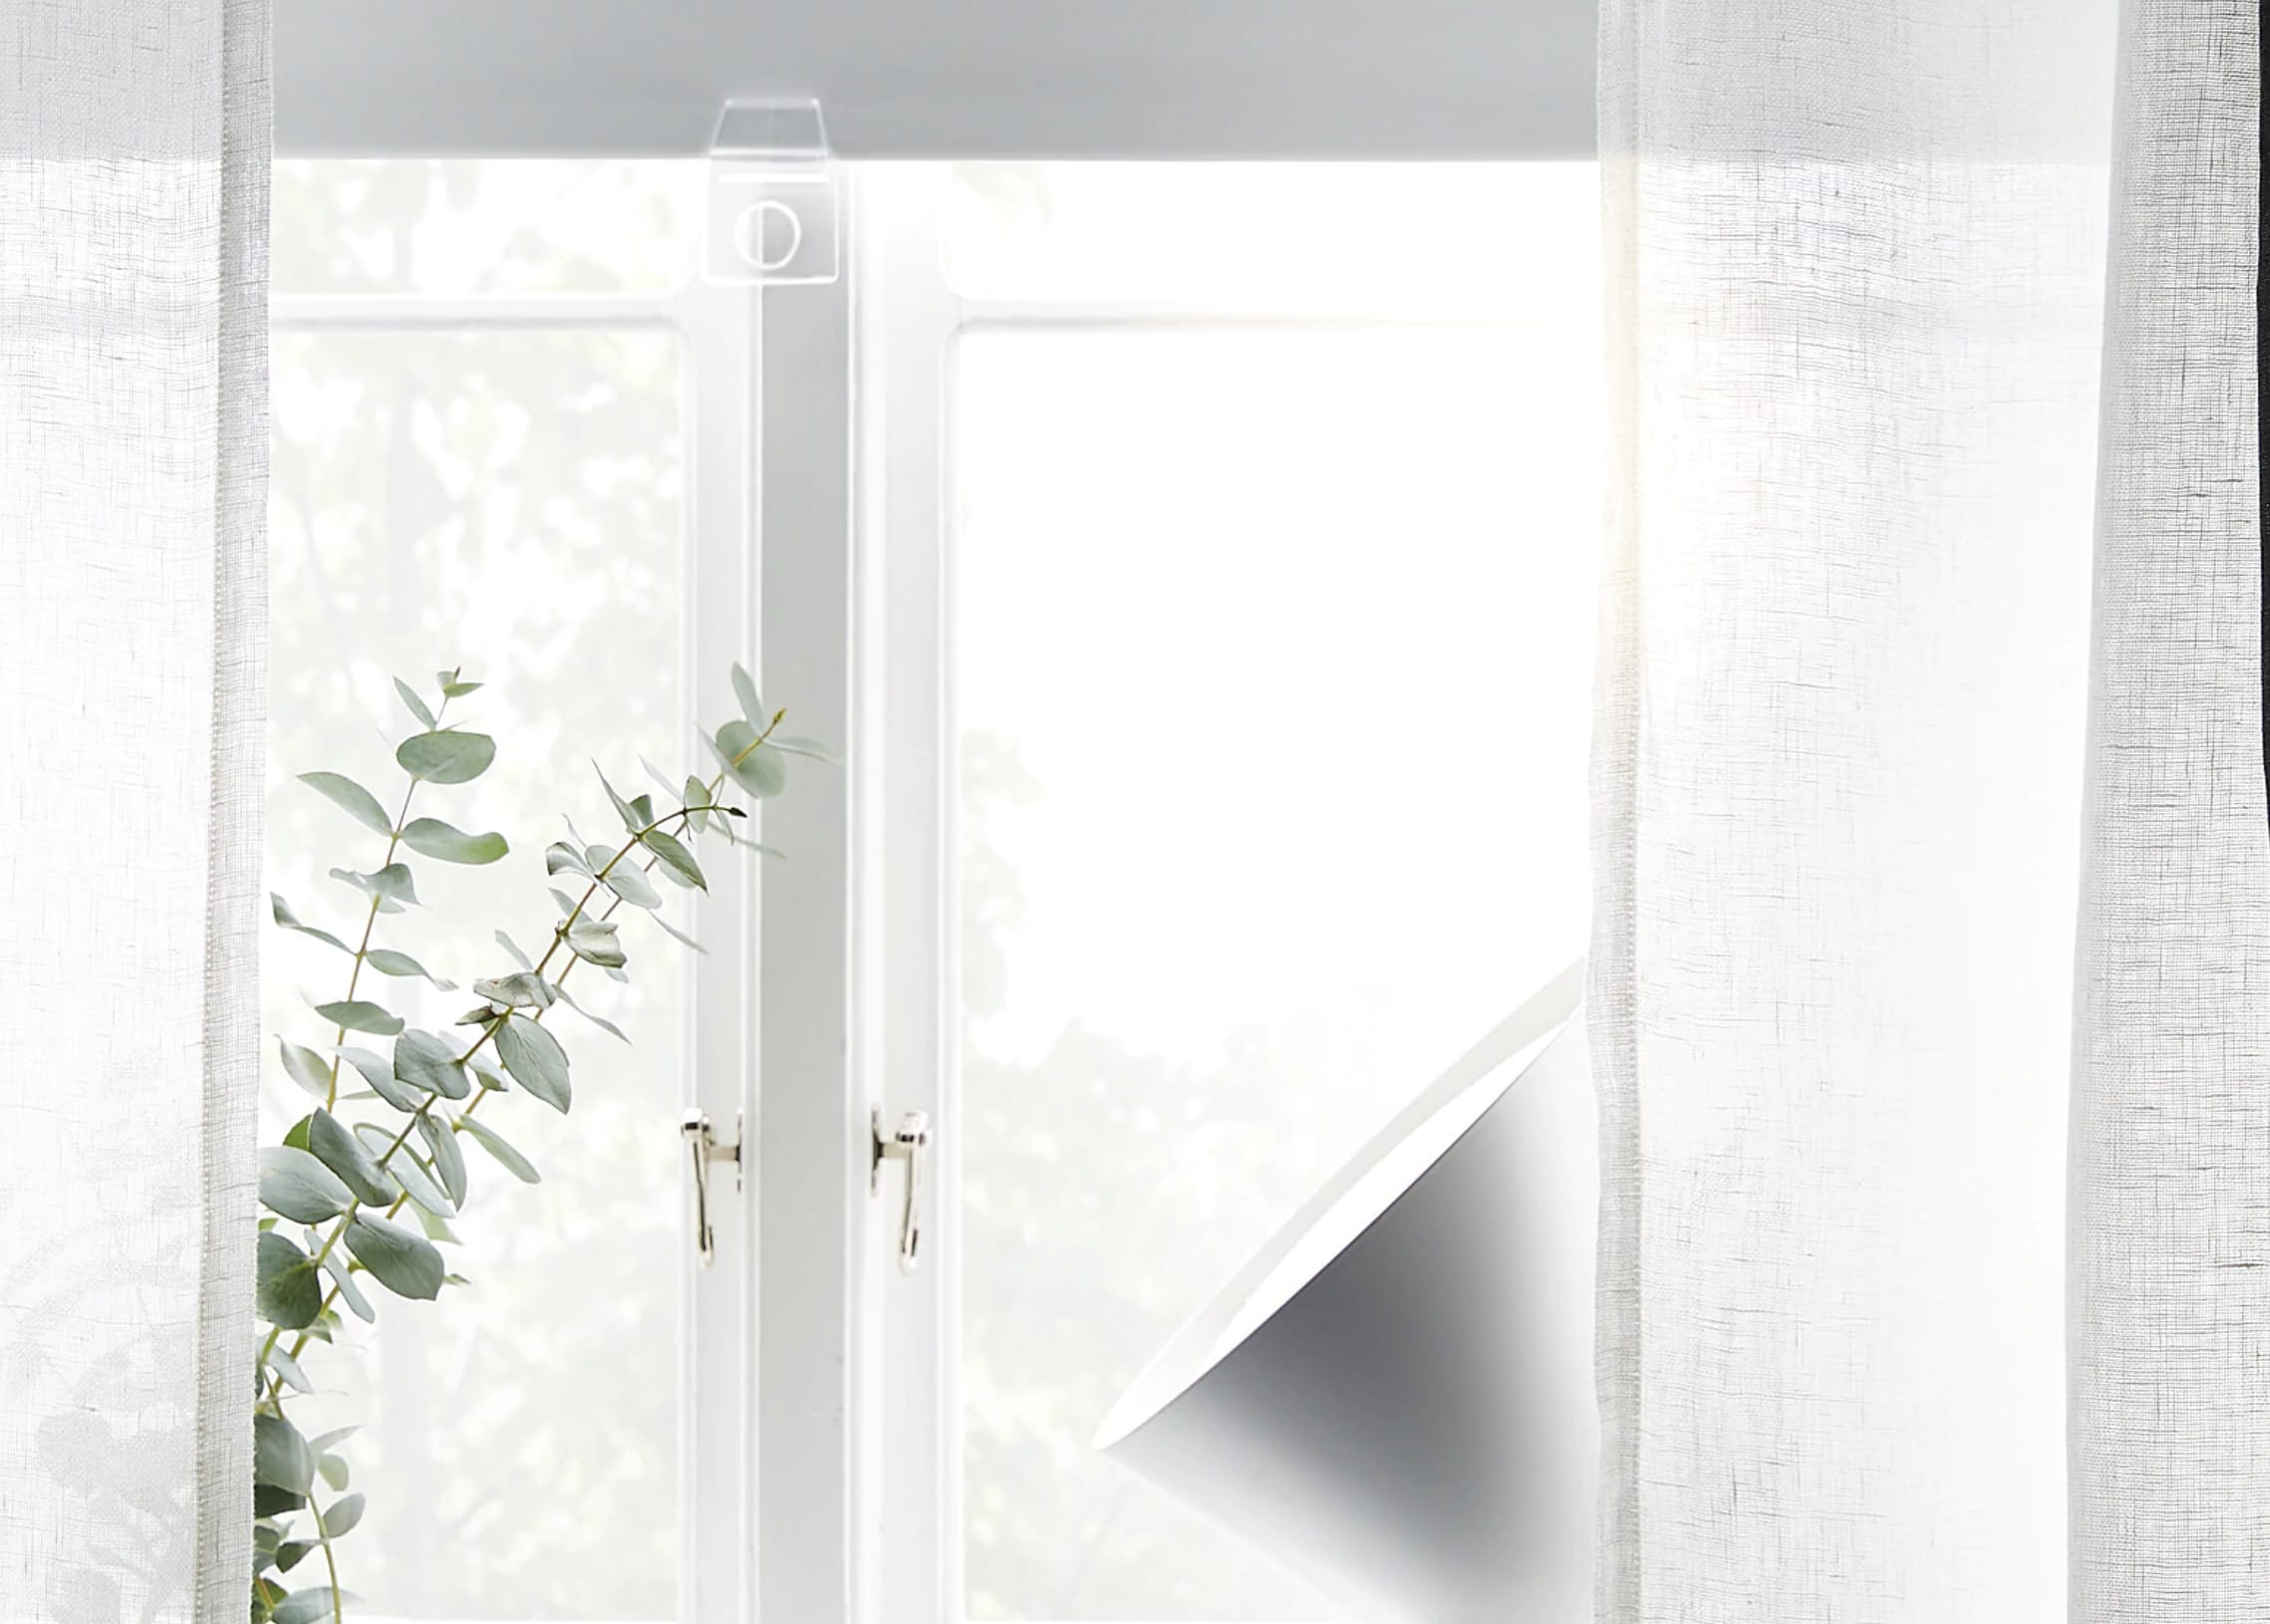 Gerüchteküche: IKEA plant offenbar intelligente Rollosteuerung